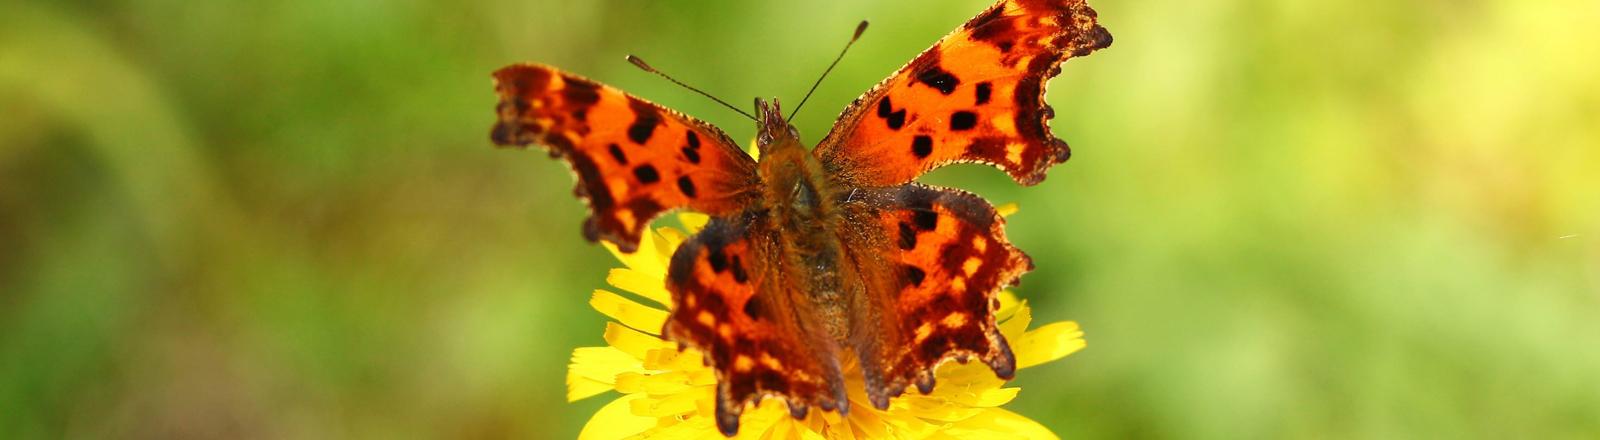 Roter Schmetterling auf einer gelben Blume